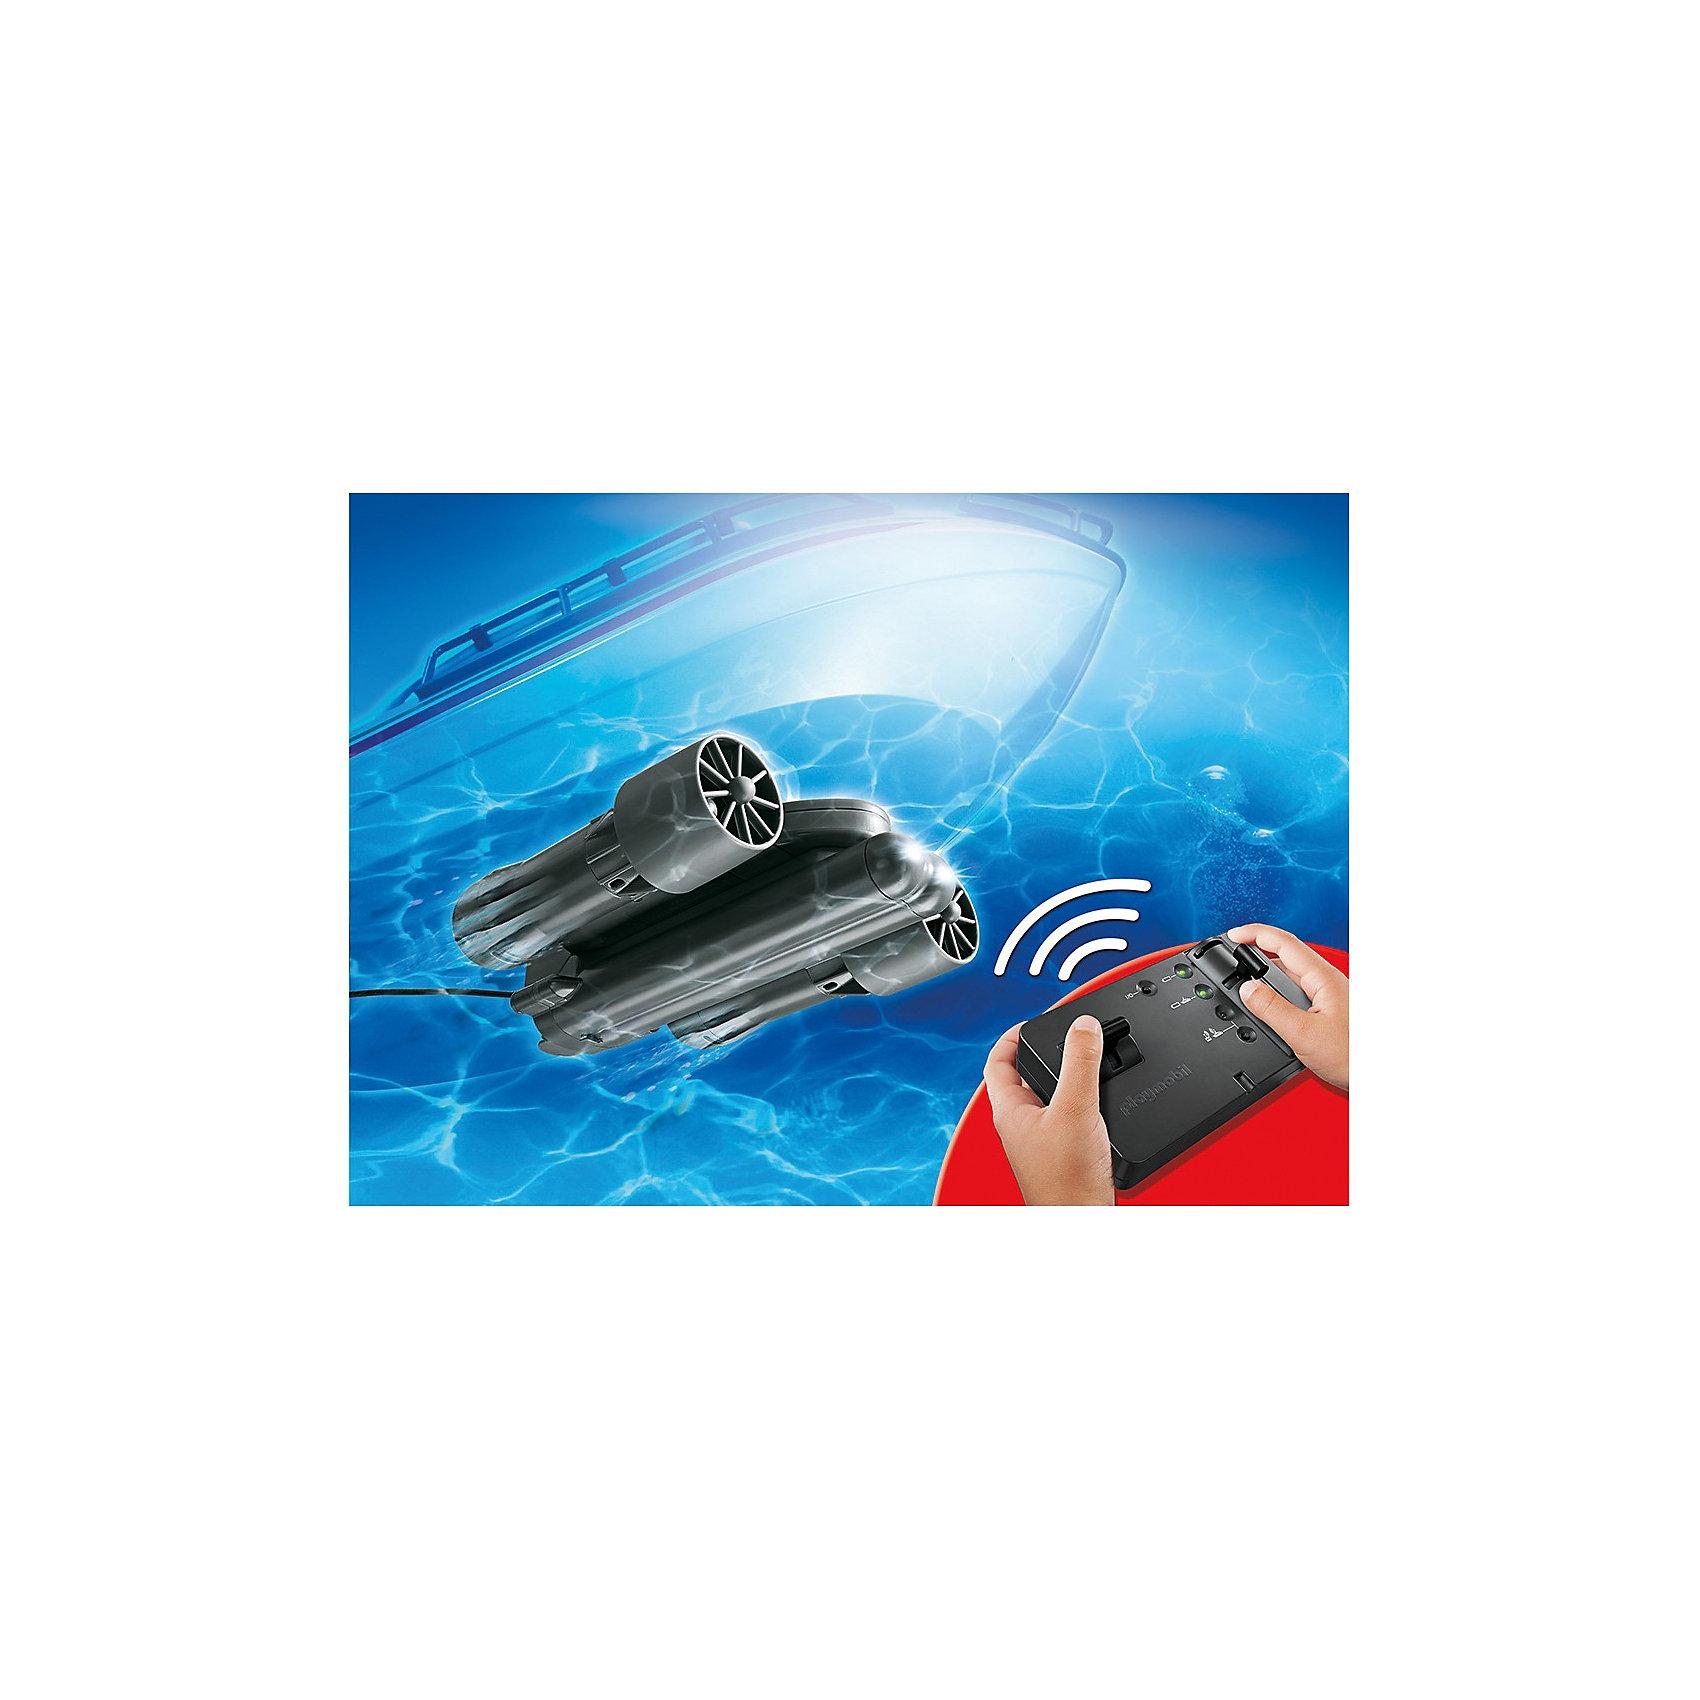 PLAYMOBIL® PLAYMOBIL 5536 Р/у подводный мотор для яхты конструкторы playmobil страусы с гнездом